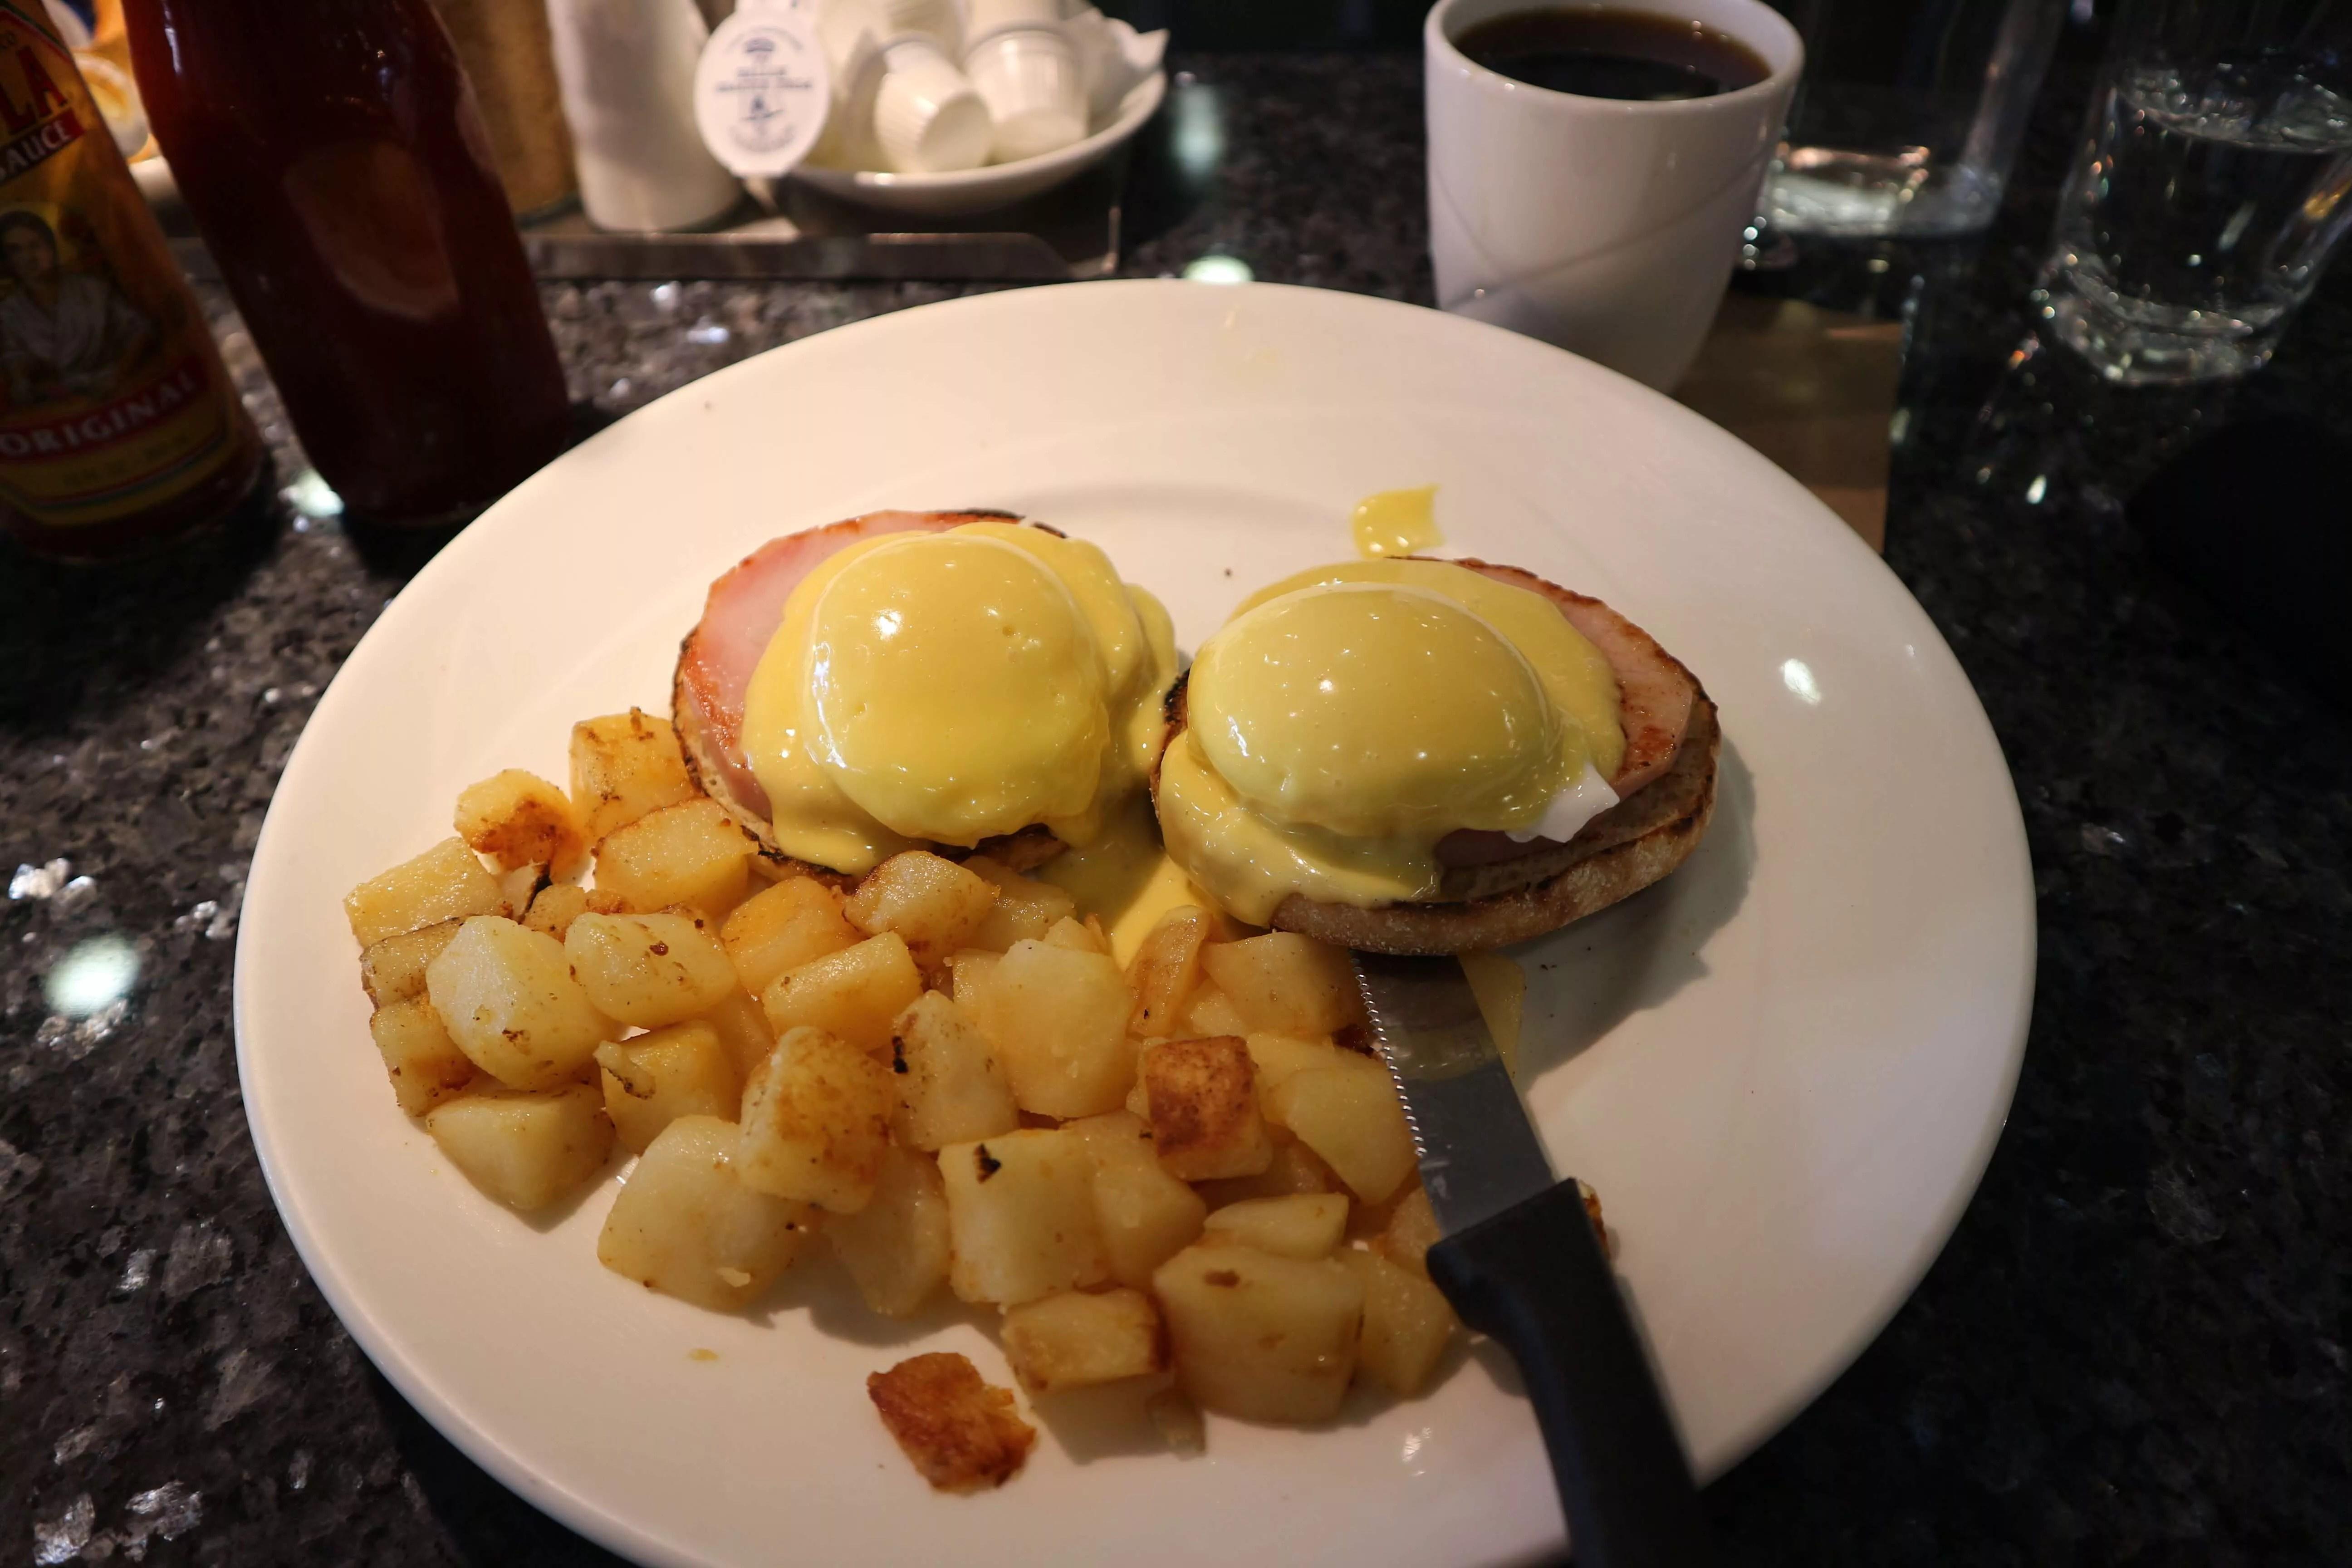 【シカゴのレストラン】Yolk(朝食・ブランチ専門店)